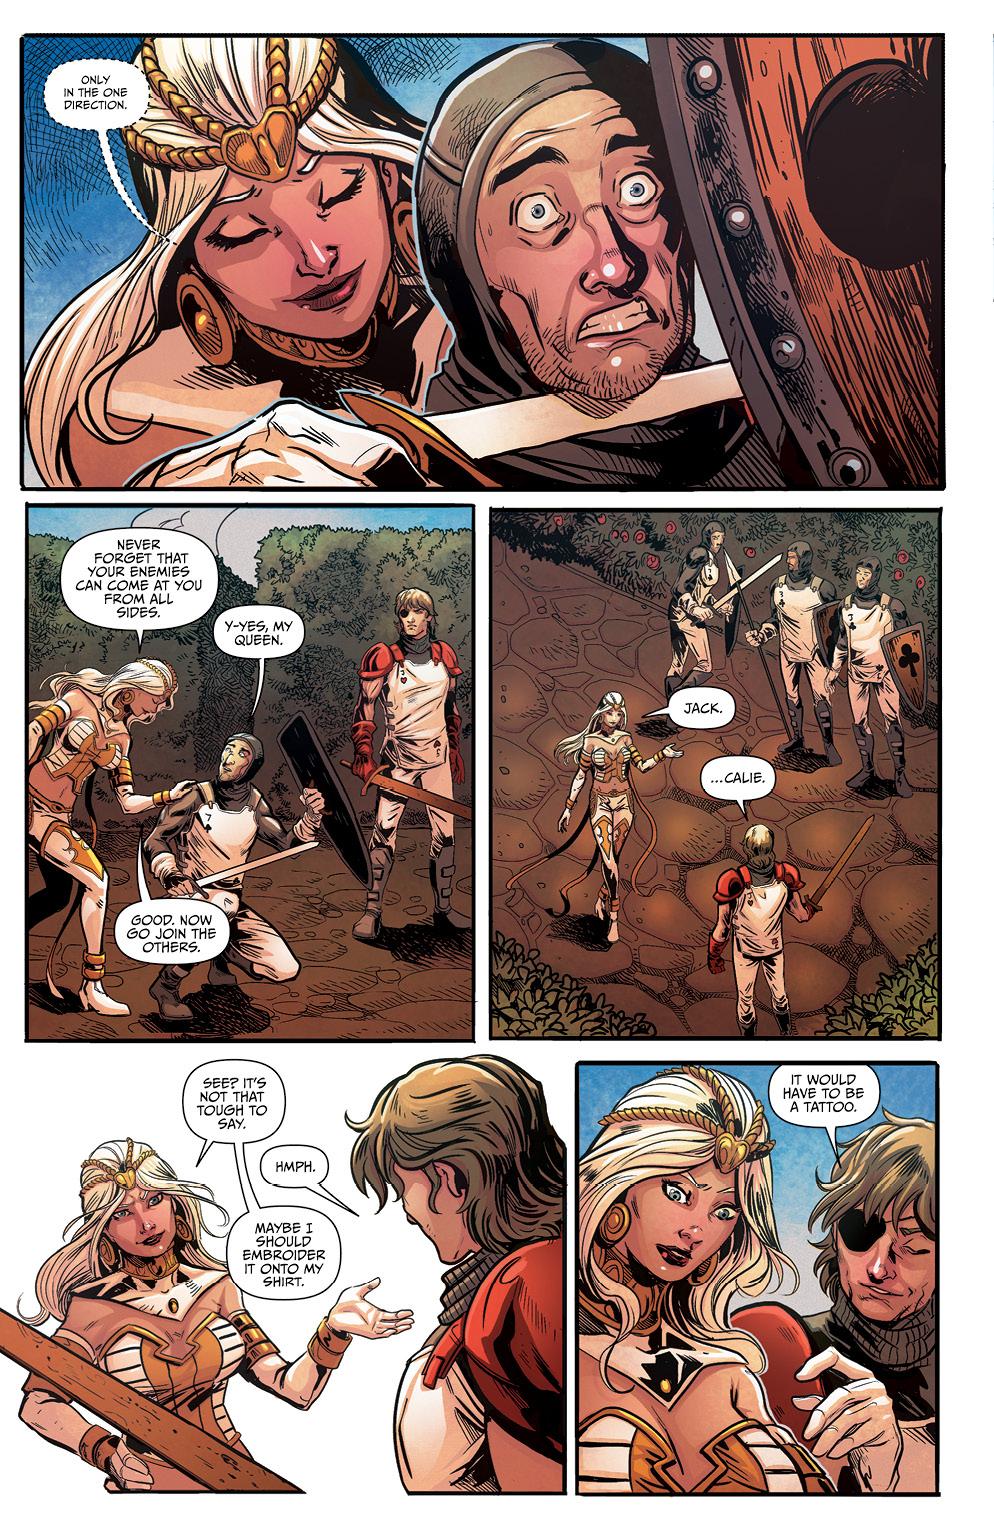 WONDER032_page 2